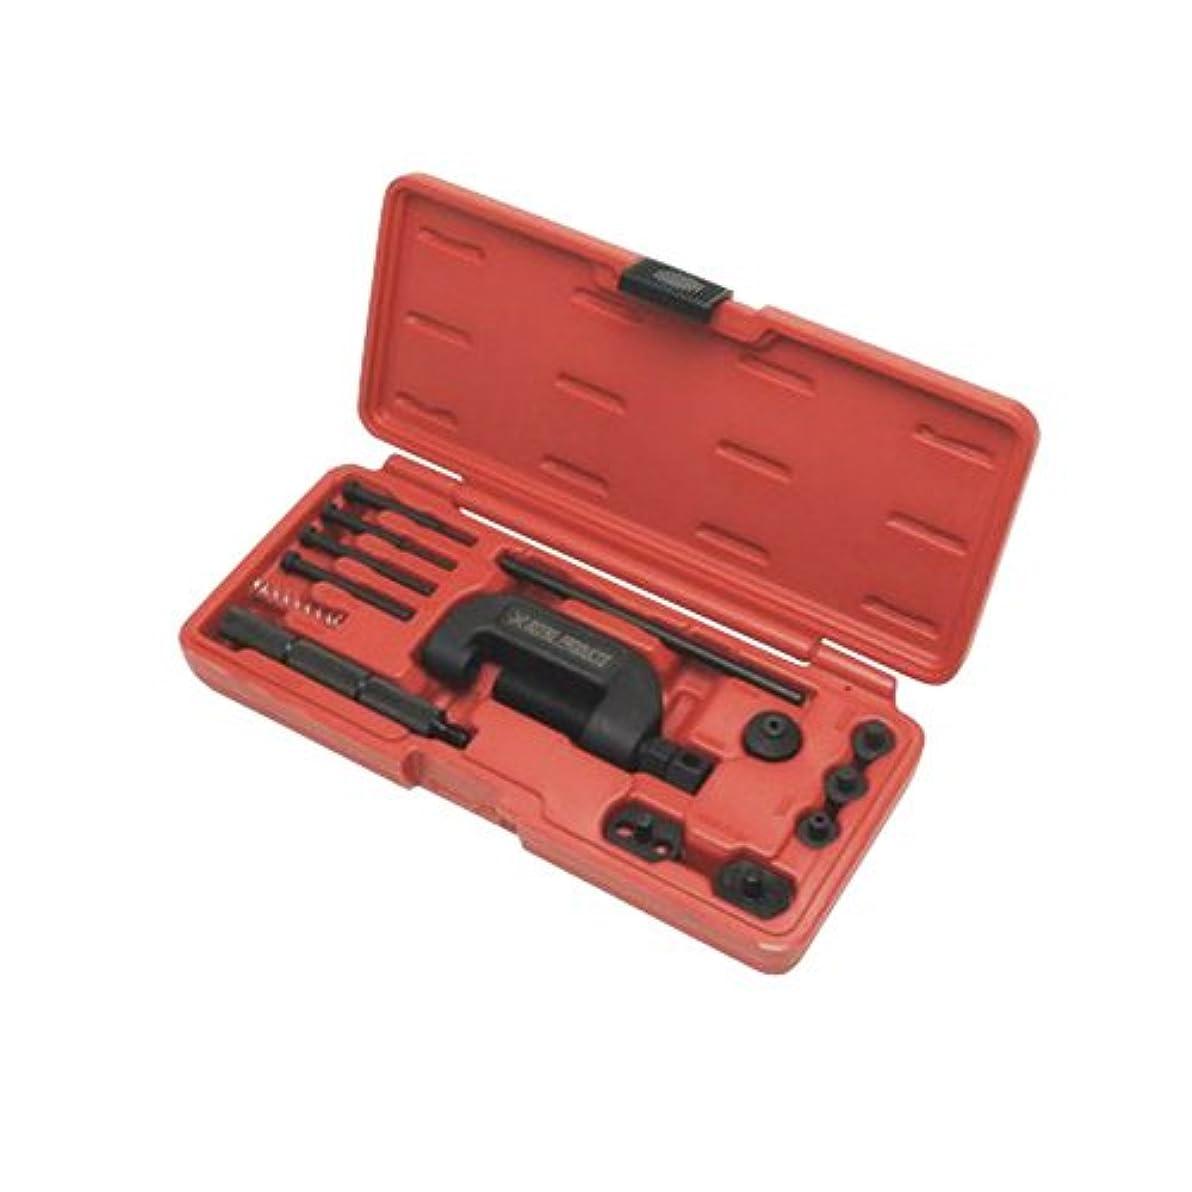 ほうき魅了する令状ASTRO PRODUCTS 07-12406 チェーンカット&カシメ ツールキット 07-12406